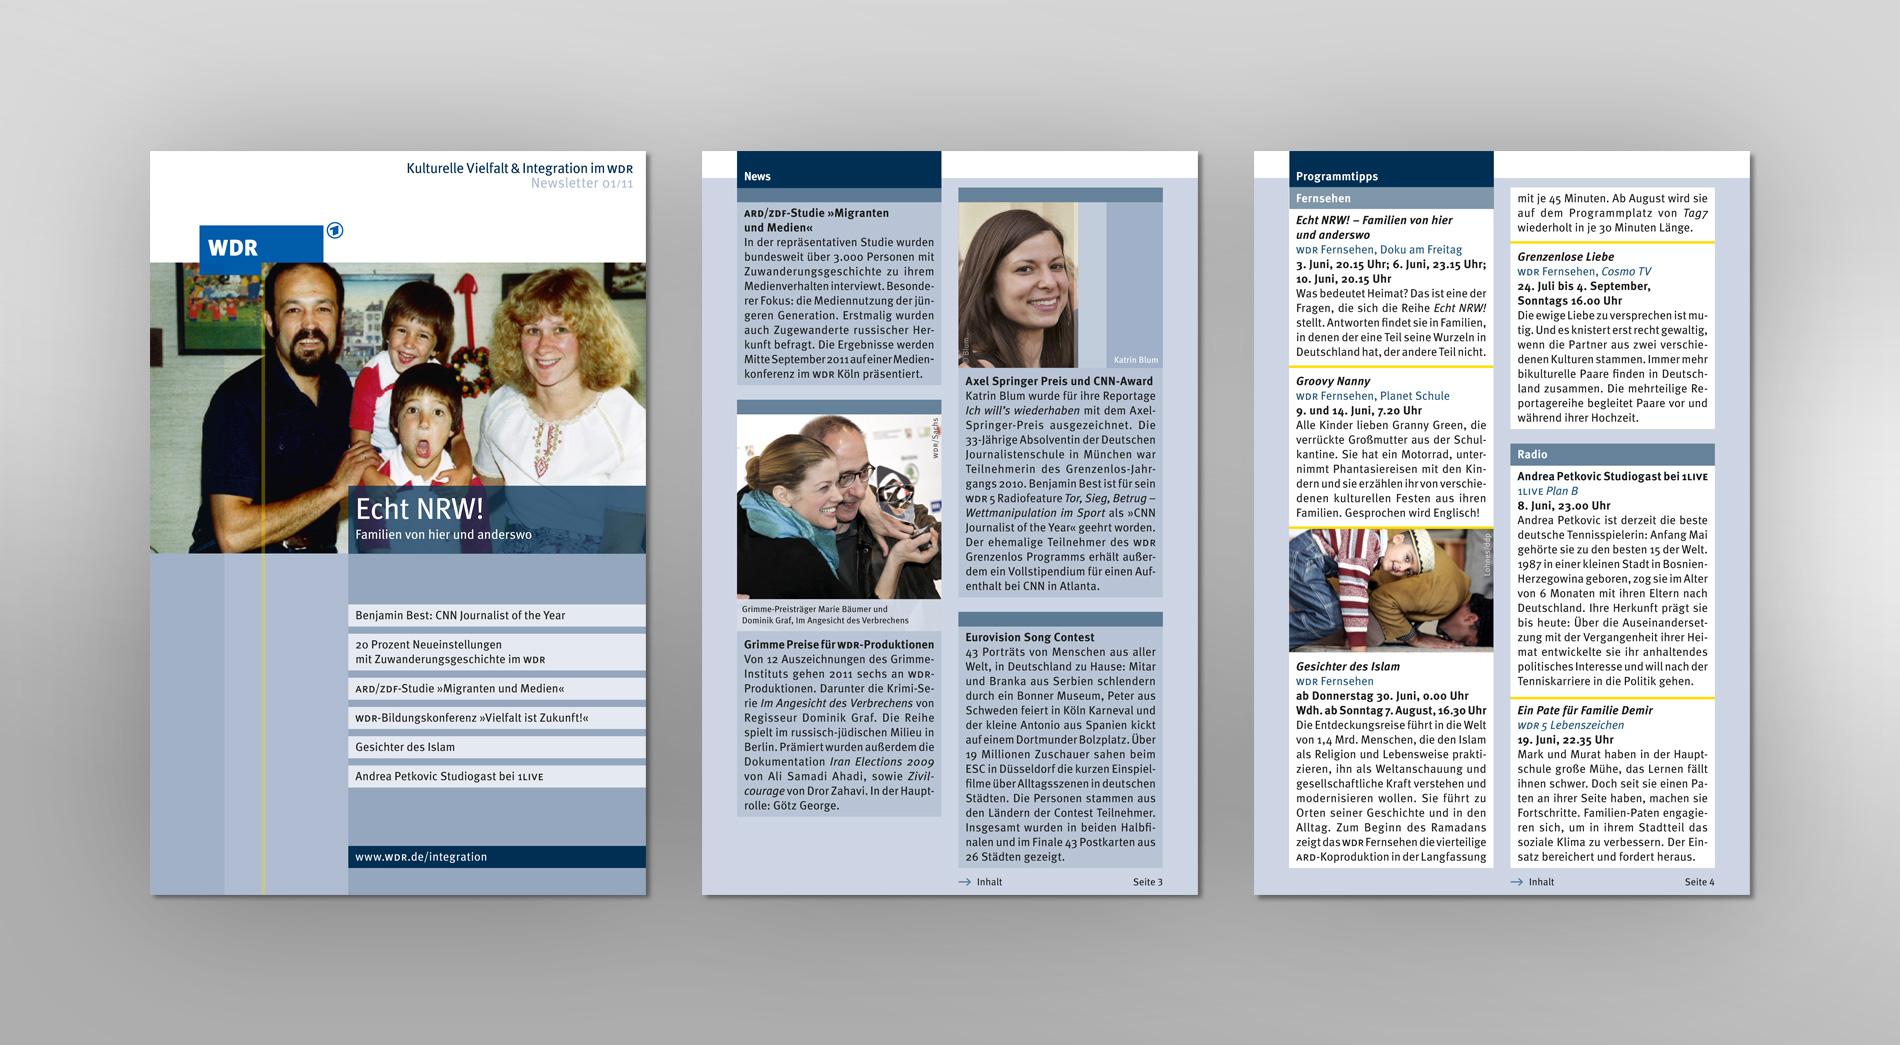 WDR Newsletter 01/2011 für kulturelle Vielfalt und Integration